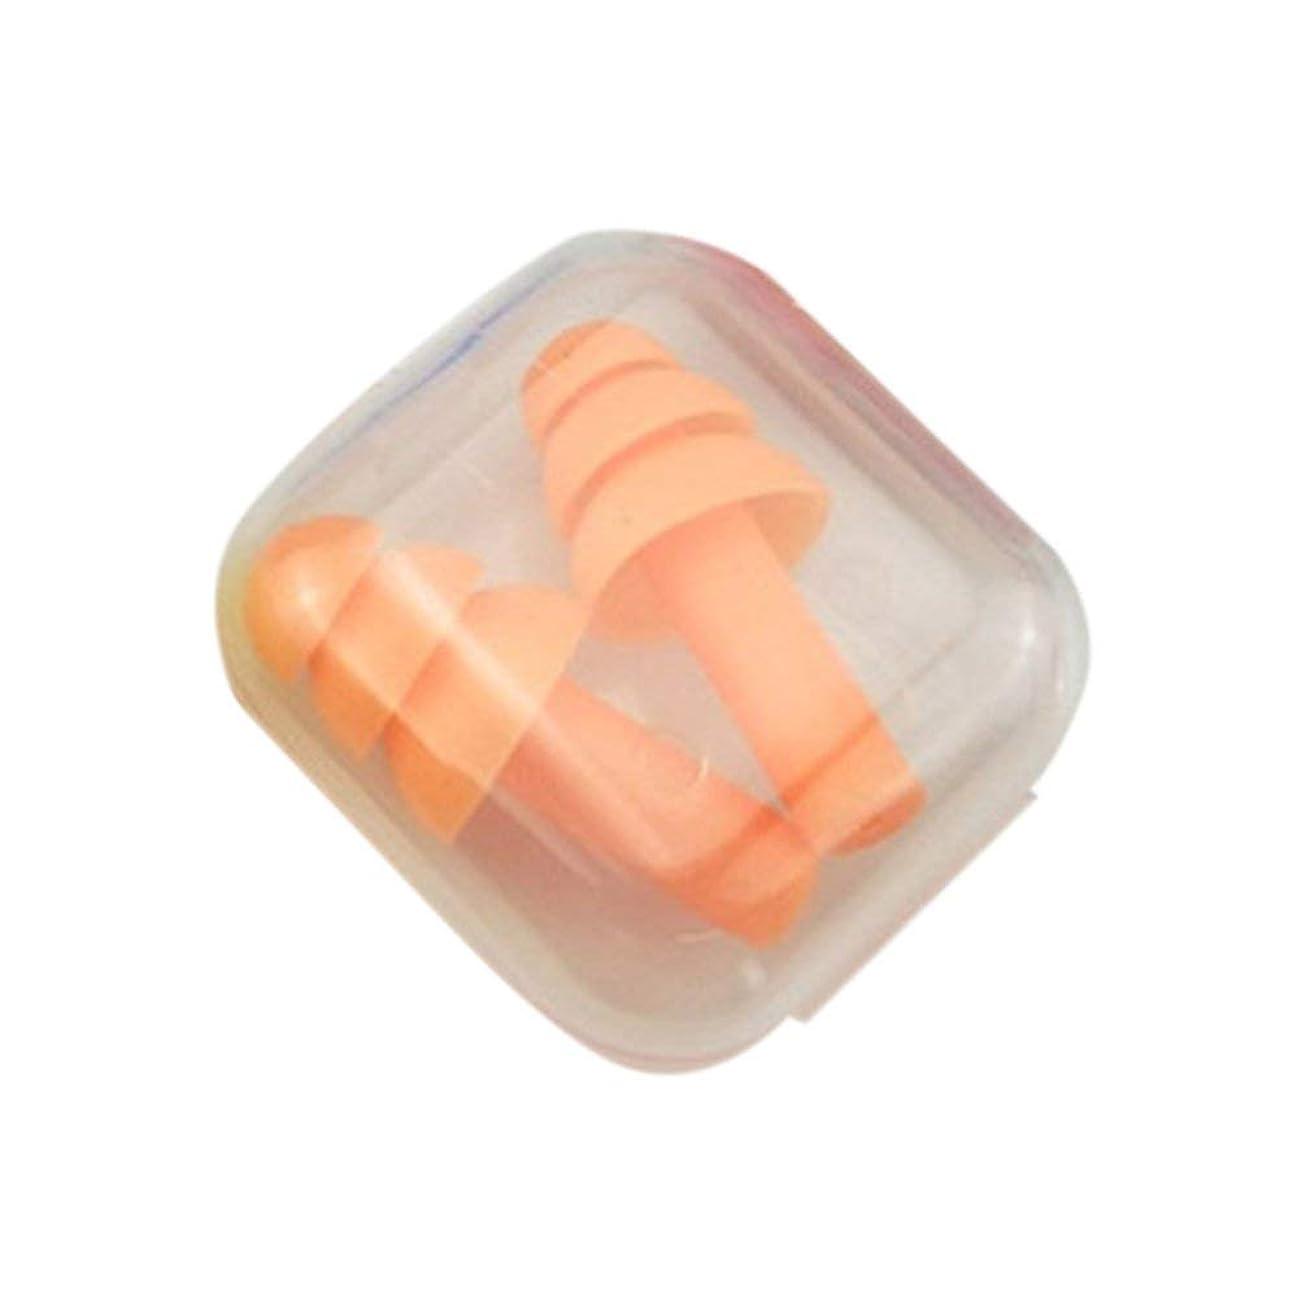 疎外する鋭く迫害柔らかいシリコーンの耳栓遮音用耳の保護用の耳栓防音睡眠ボックス付き収納ボックス - オレンジ